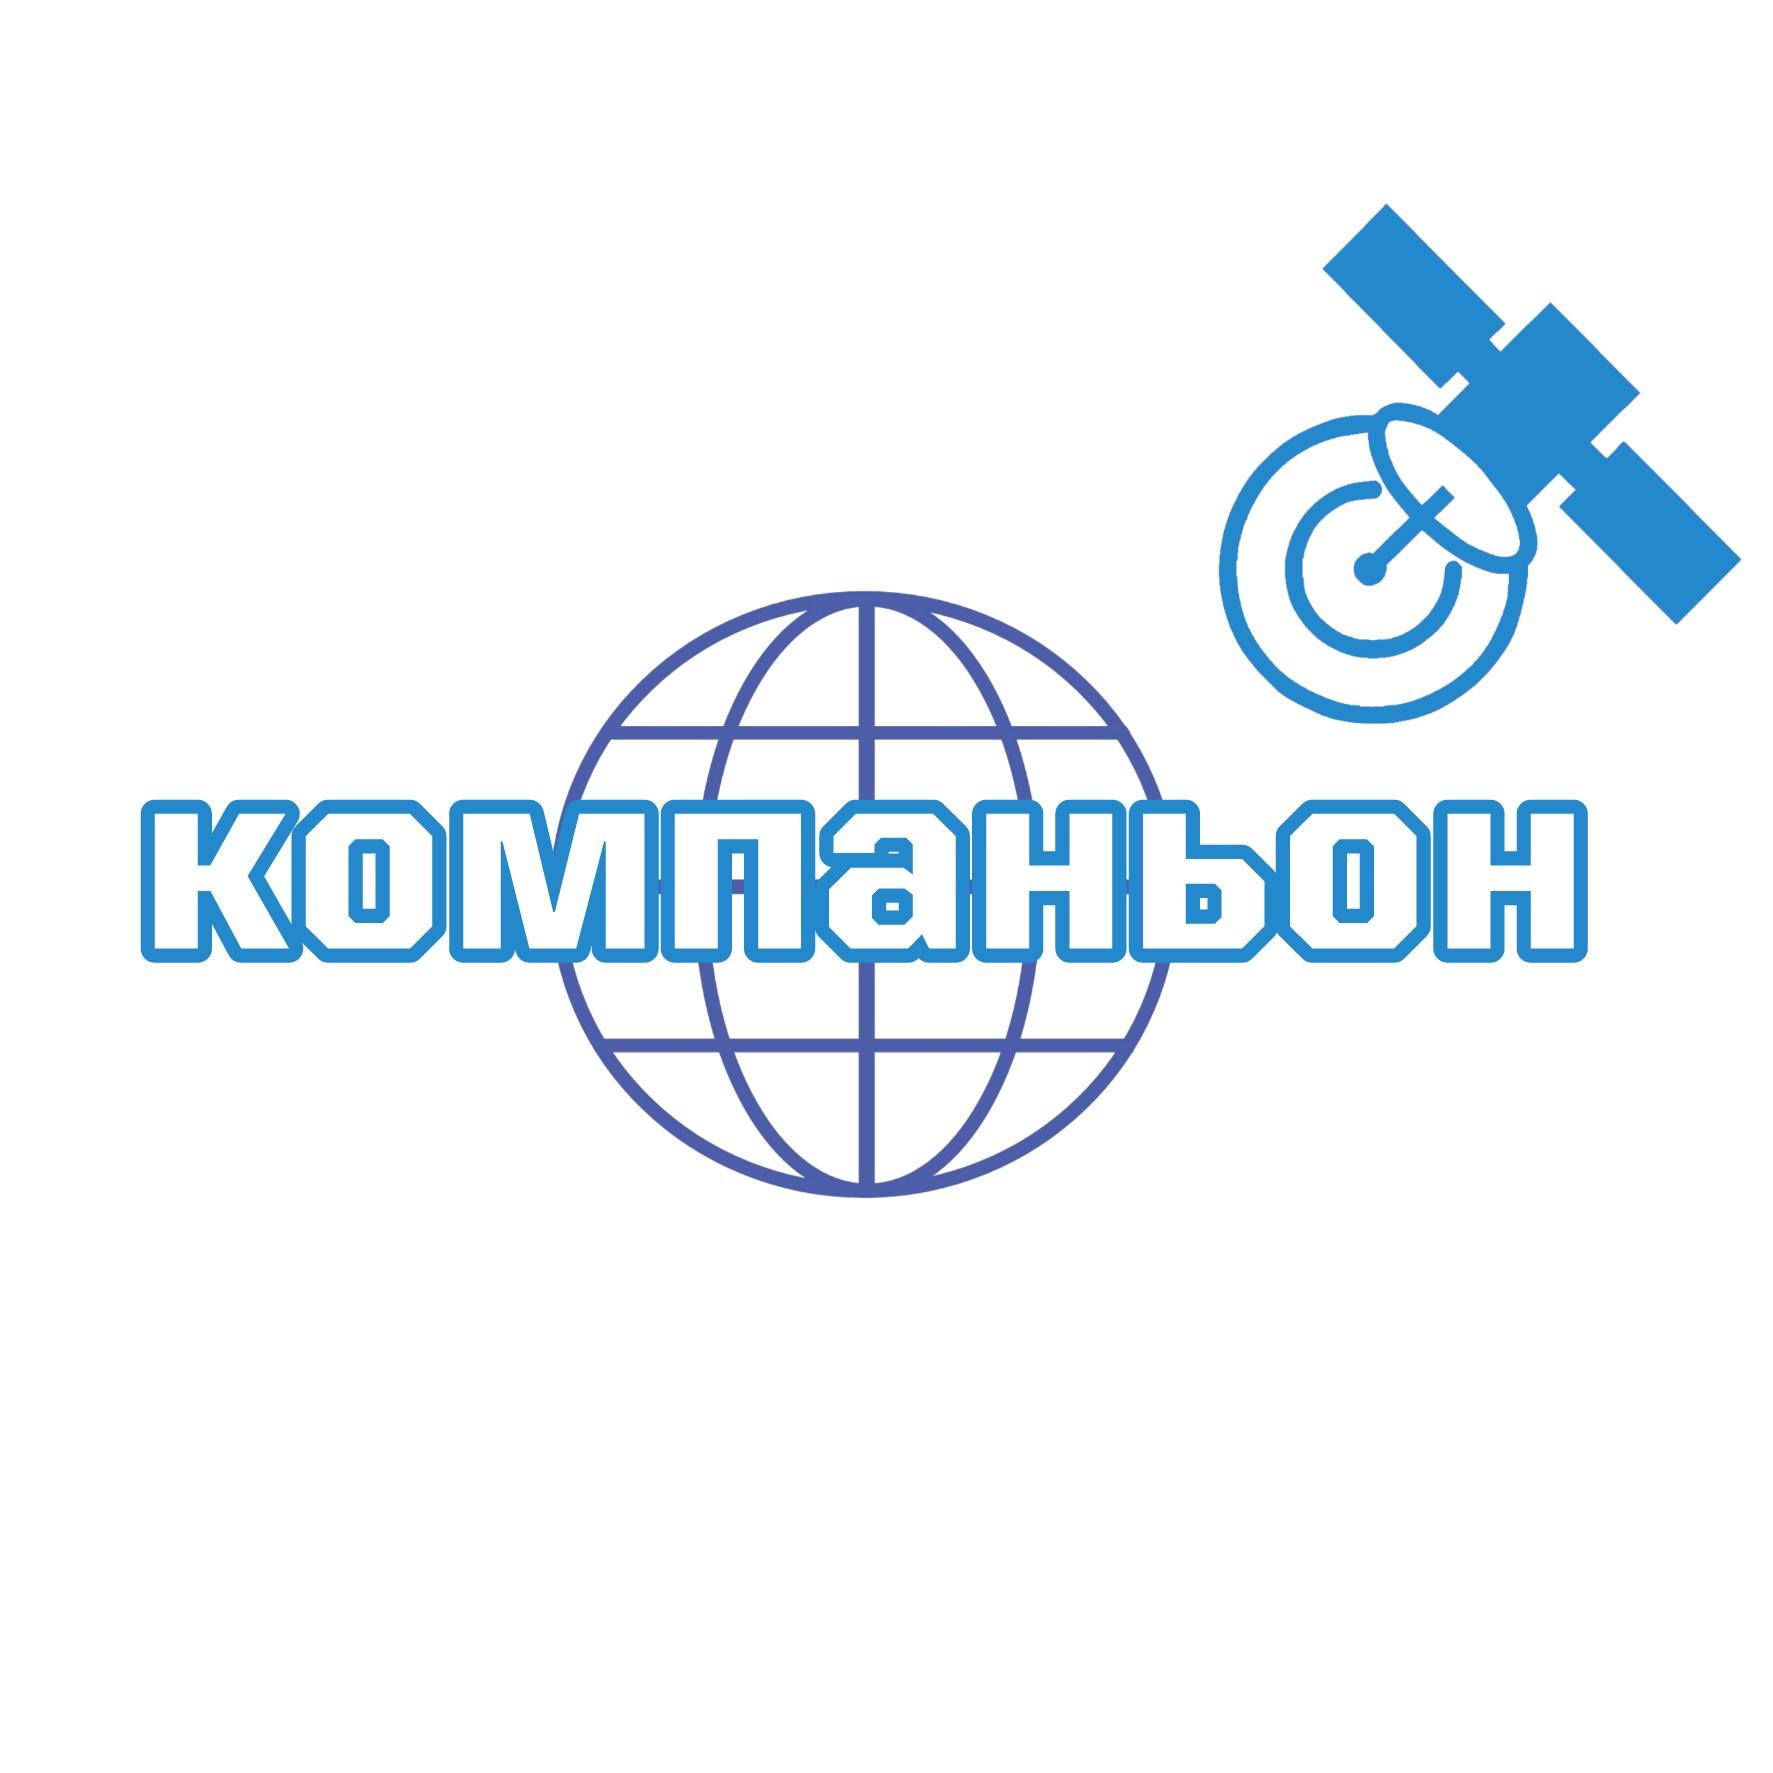 Логотип компании фото f_6925b842bef4eba0.jpg